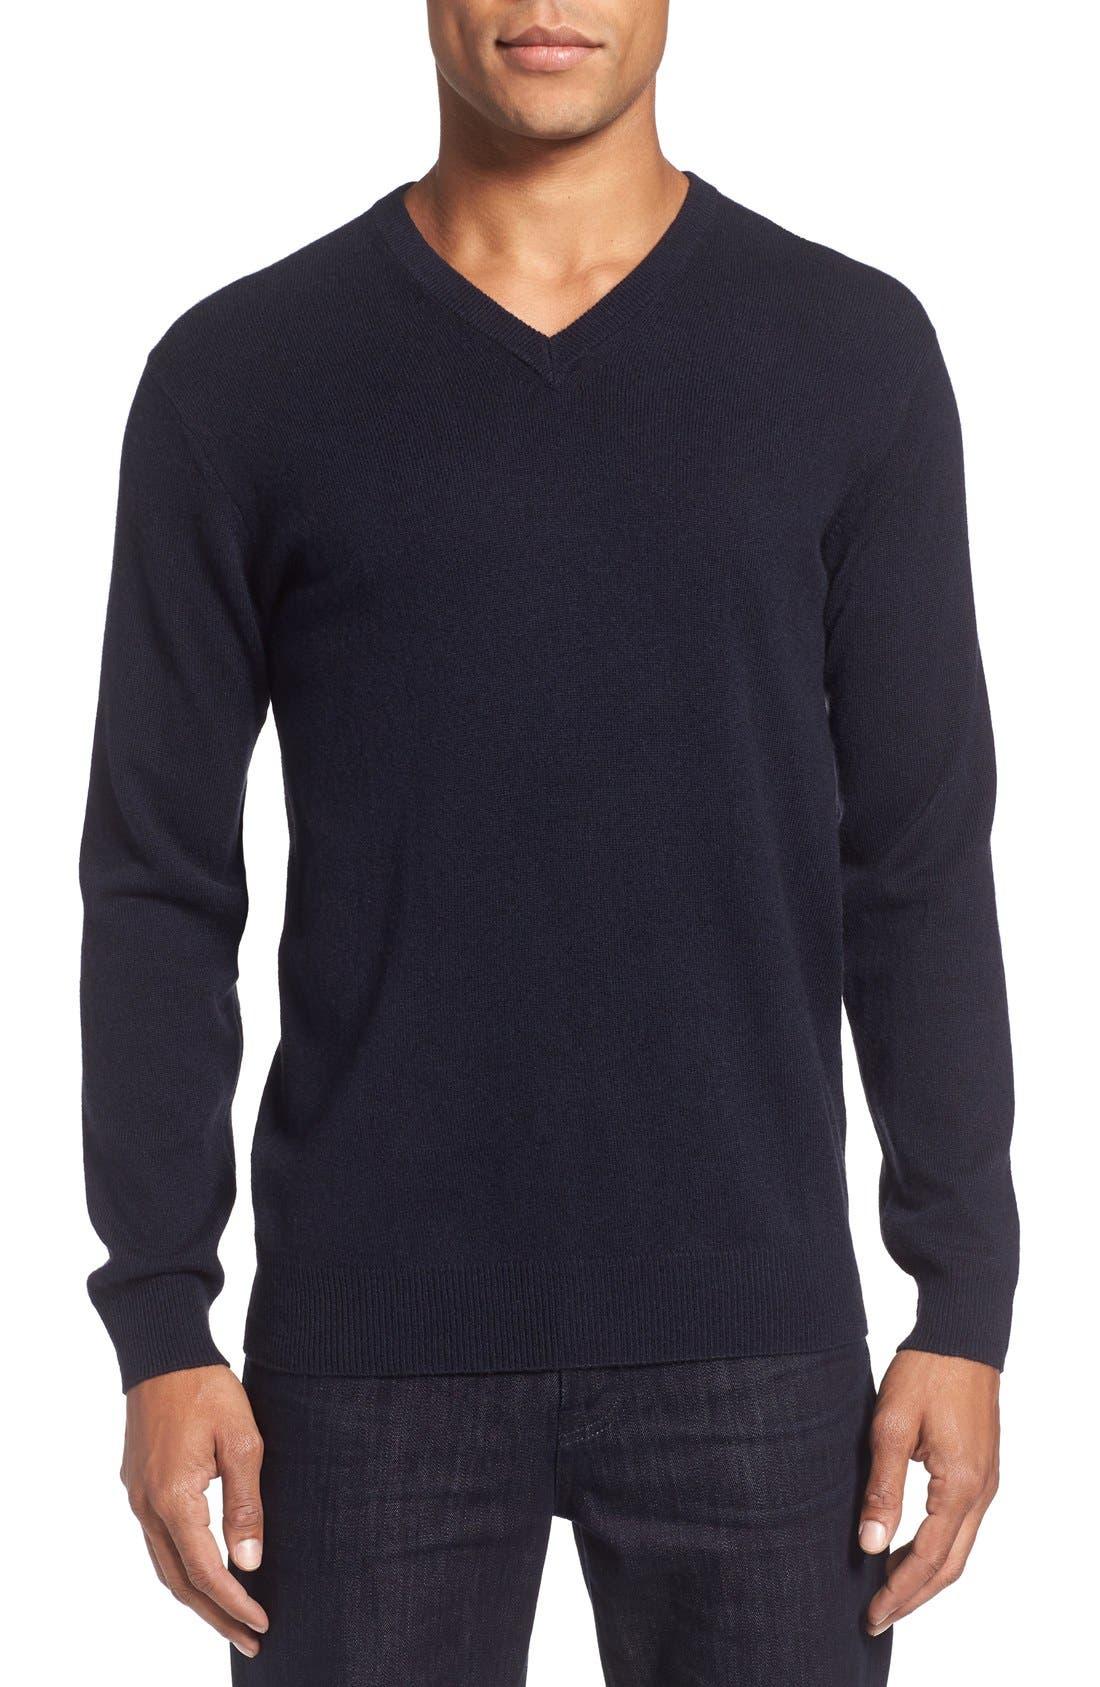 Rodd & Gunn 'Invercargill' Wool & Cashmere V-Neck Sweater